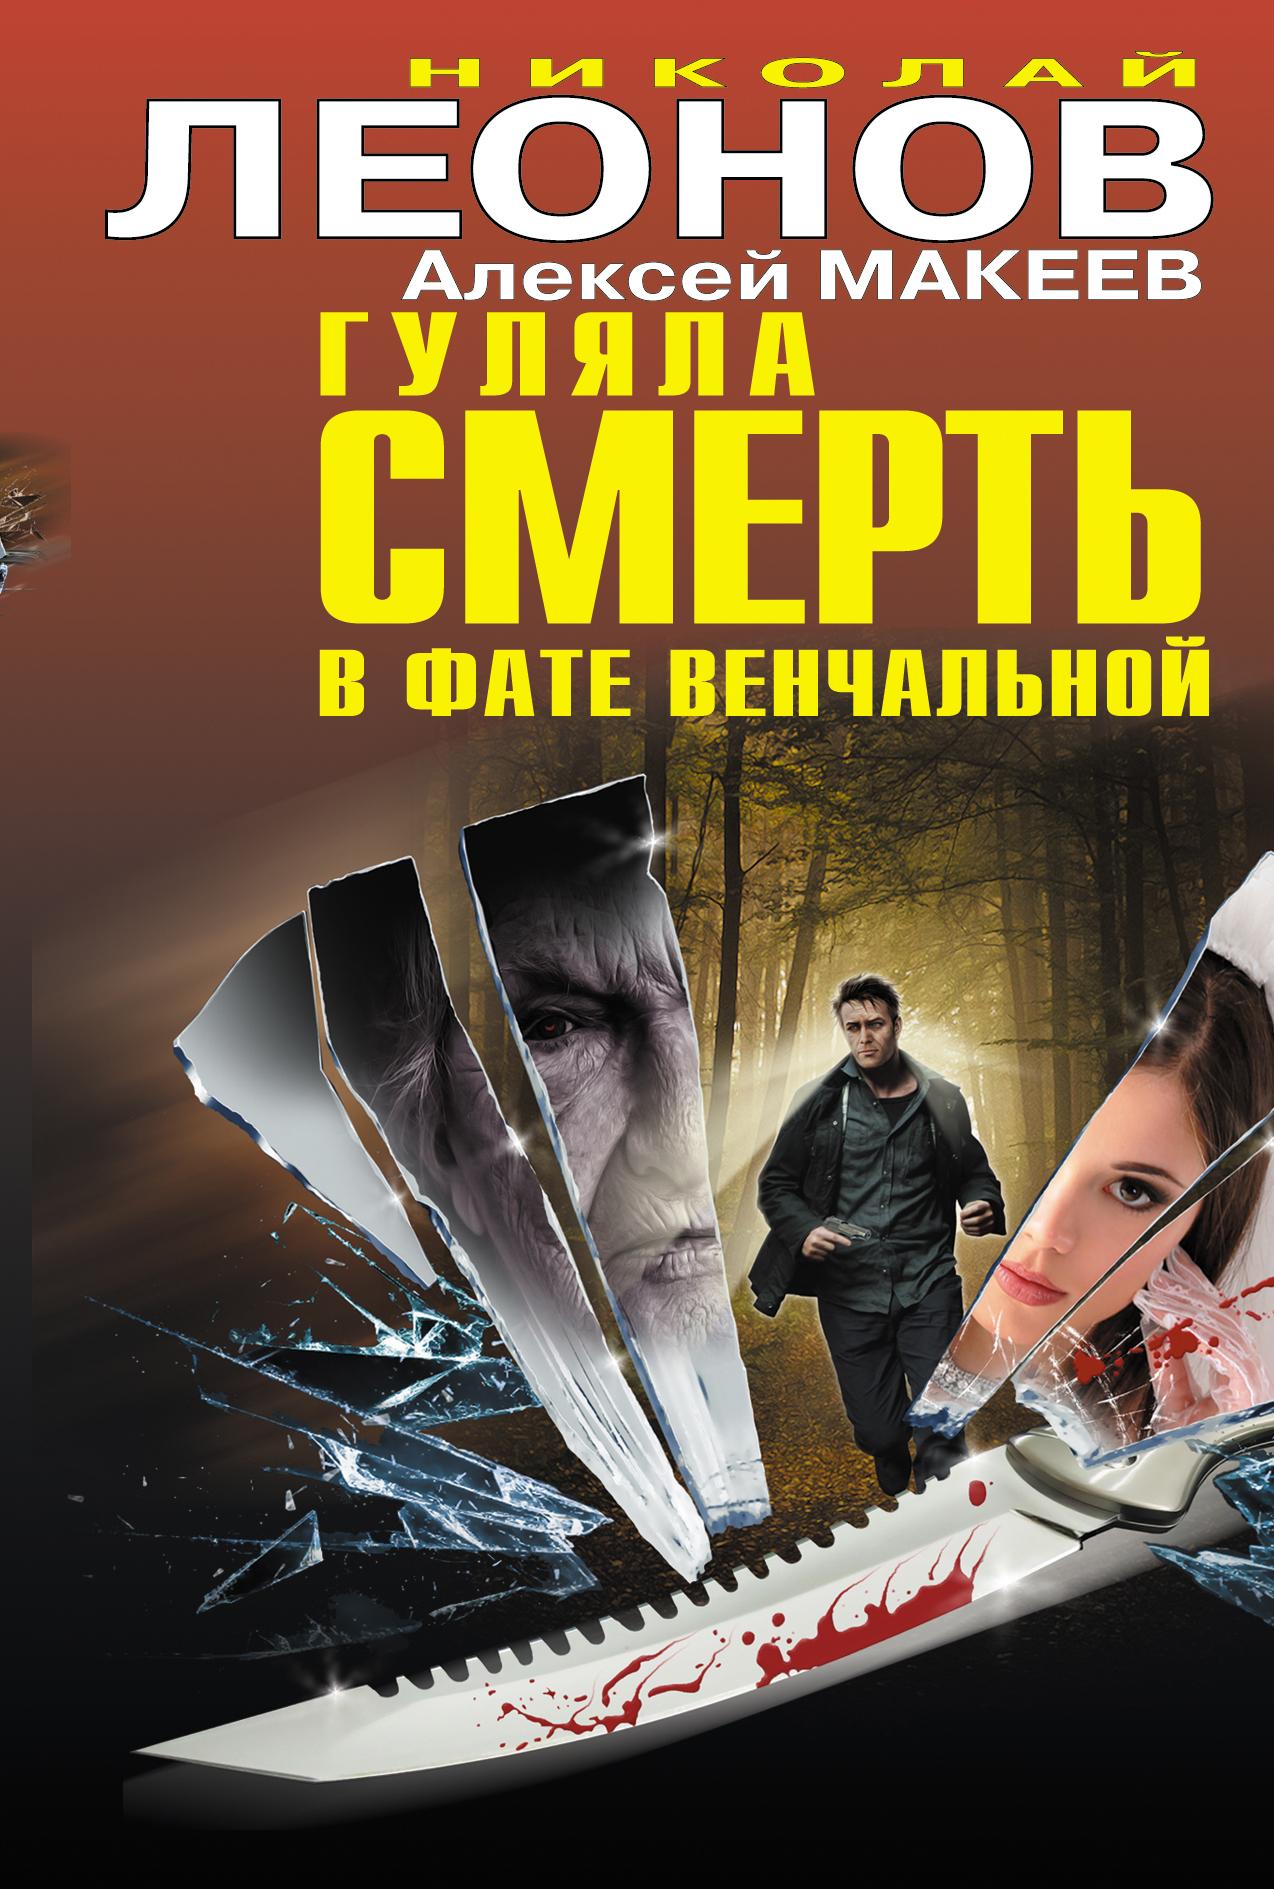 Леонов Н.И., Макеев А.В. Гуляла смерть в фате венчальной